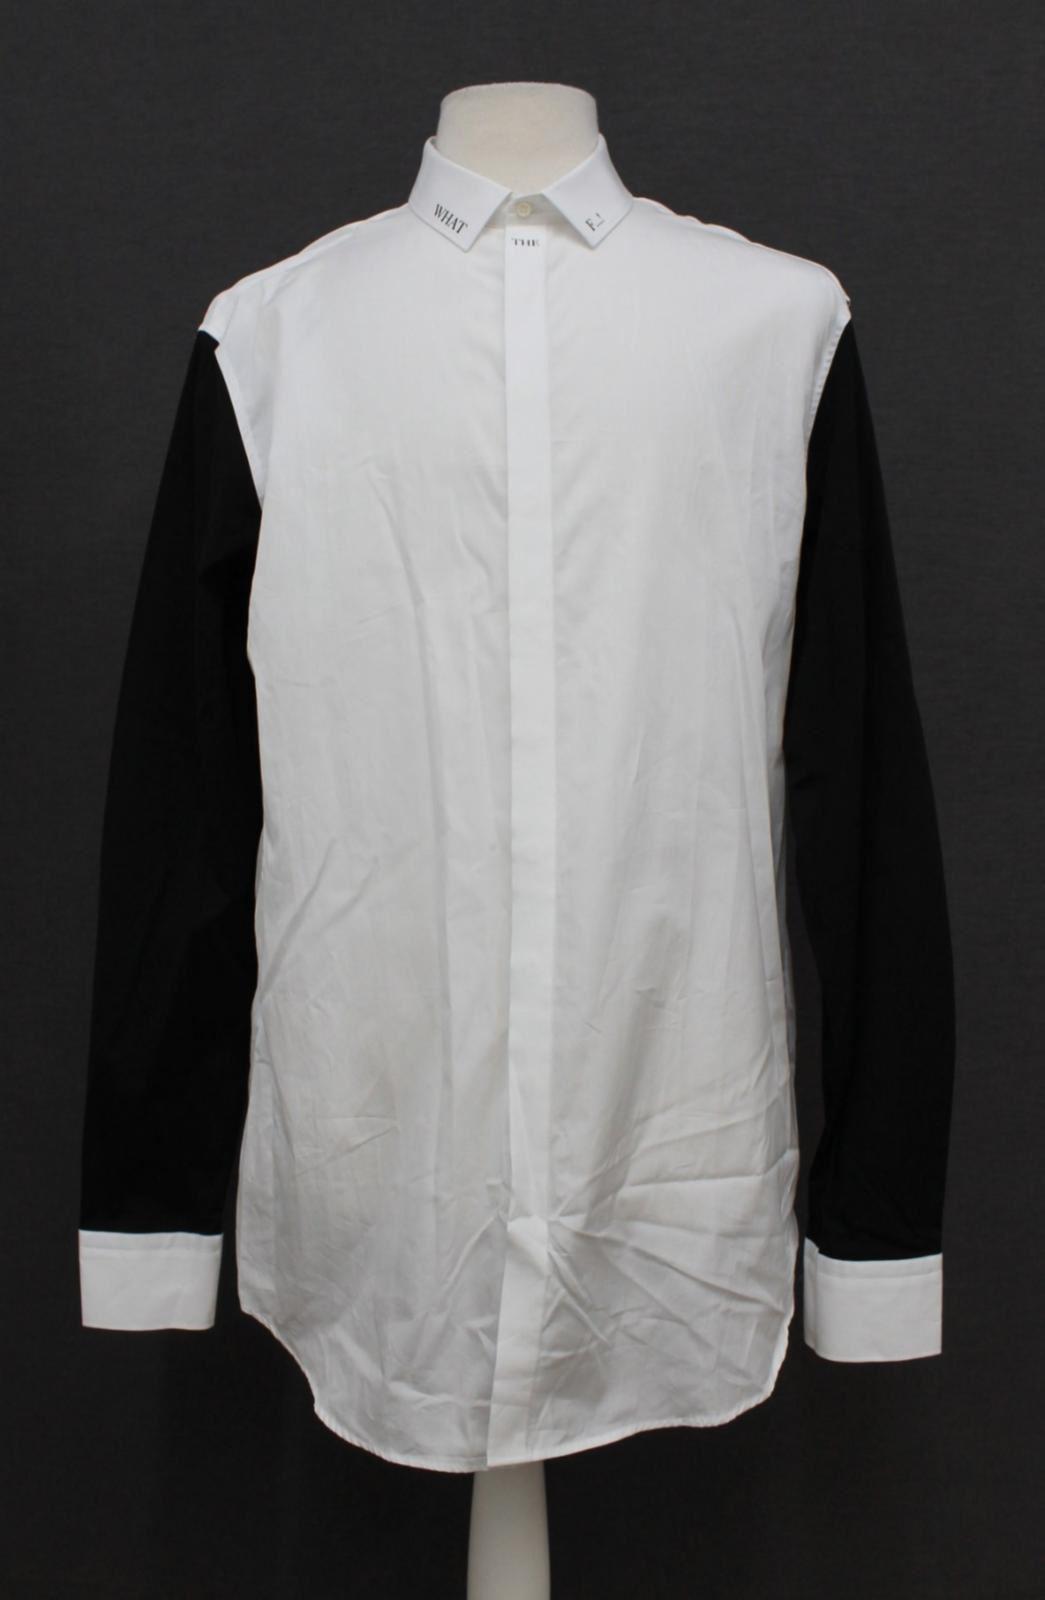 Neil-Barrett-Hombre-Blanco-De-Algodon-Manga-Negra-lo-que-el-F-Con-Cuello-Camisa-17-034